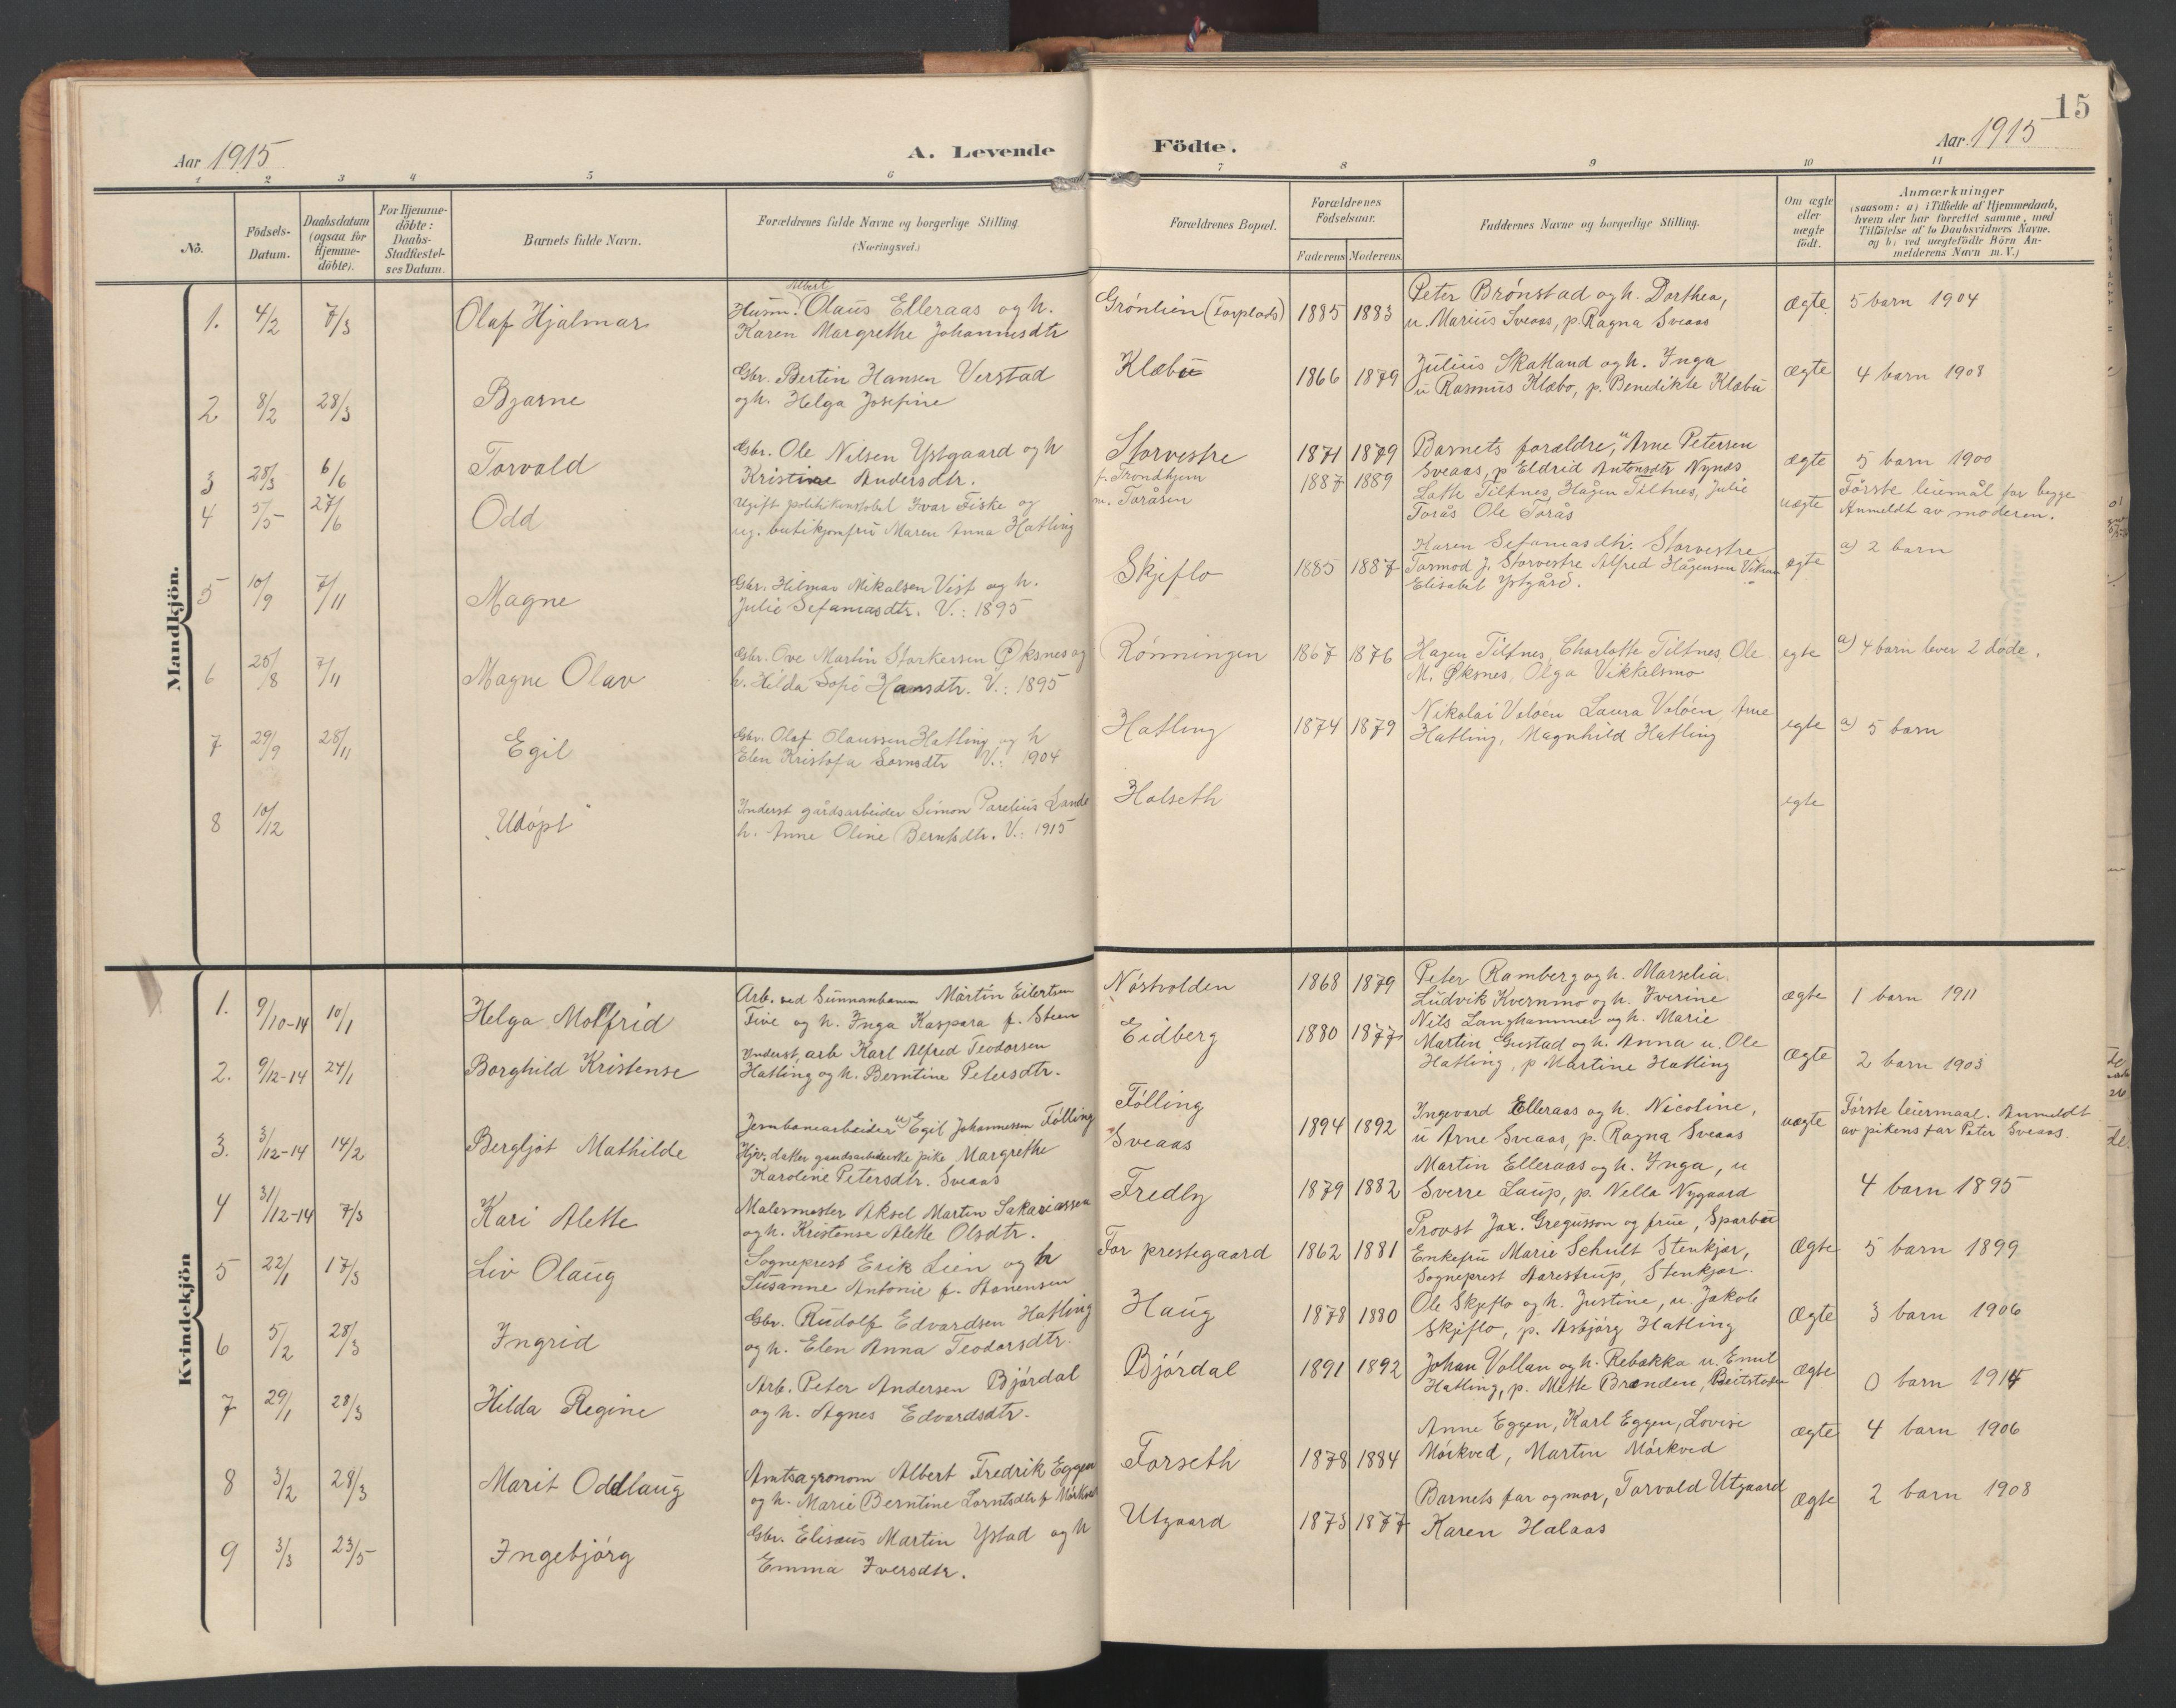 SAT, Ministerialprotokoller, klokkerbøker og fødselsregistre - Nord-Trøndelag, 746/L0455: Klokkerbok nr. 746C01, 1908-1933, s. 15